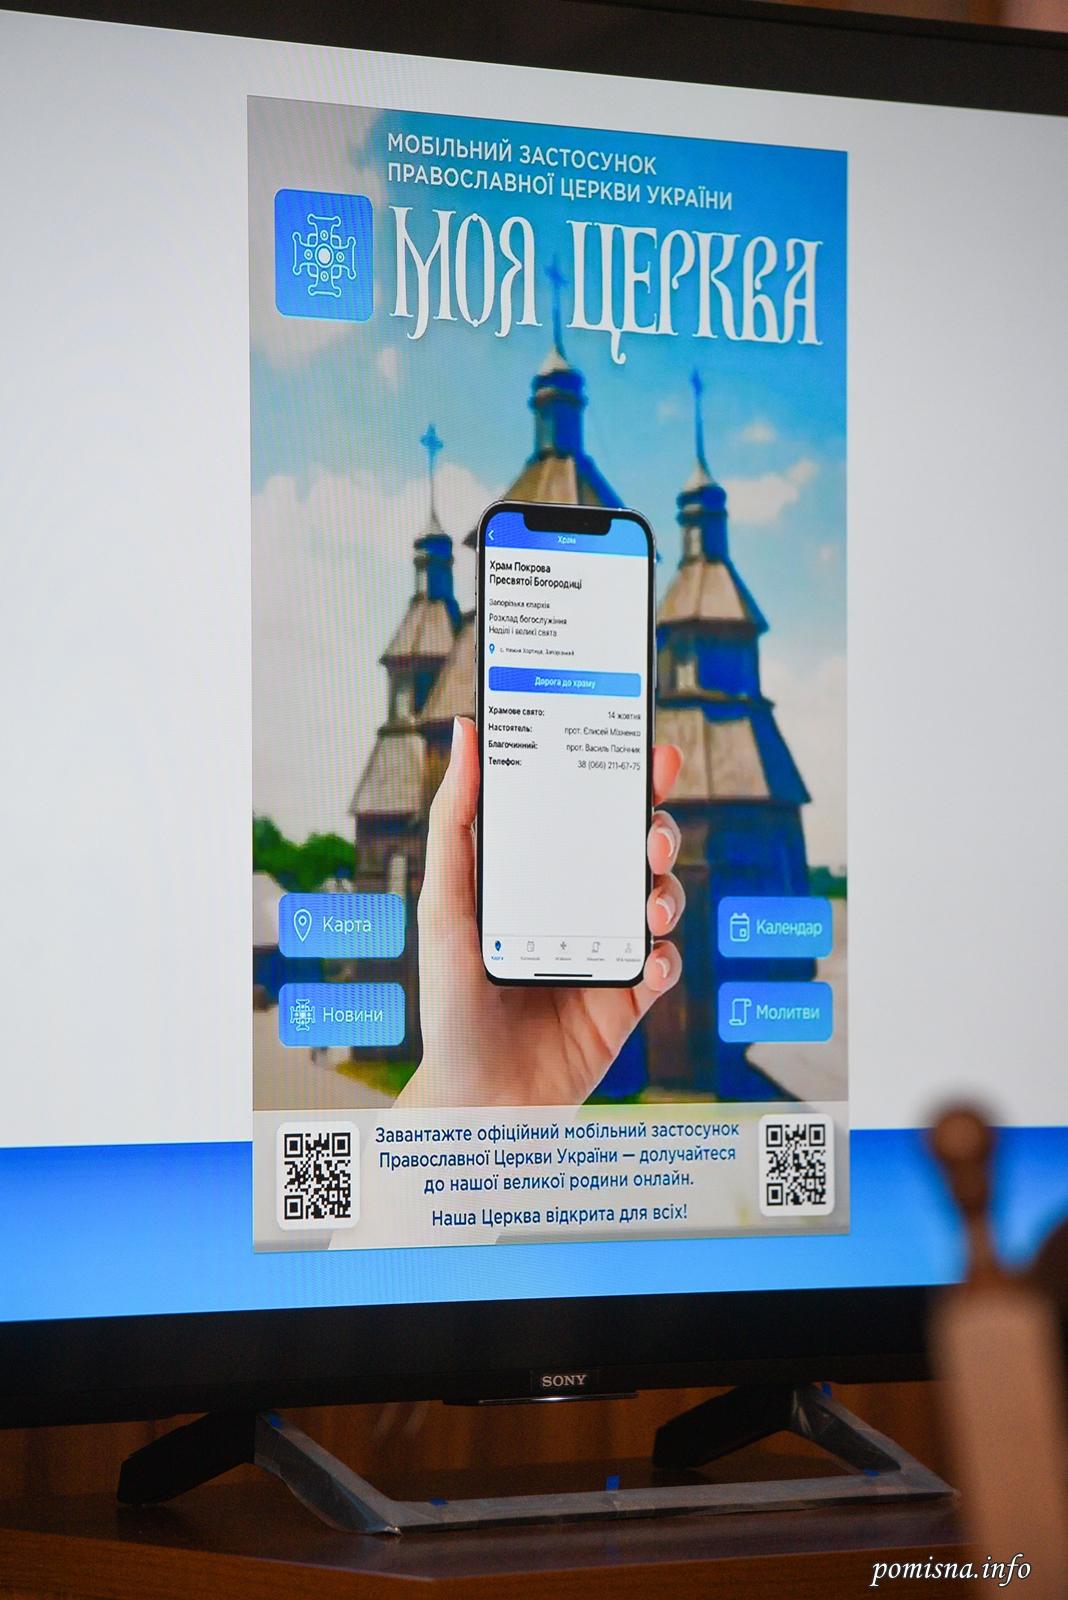 """Мобільний застосунок """"Моя Церква"""": чим він корисний для вірян - фото 3"""